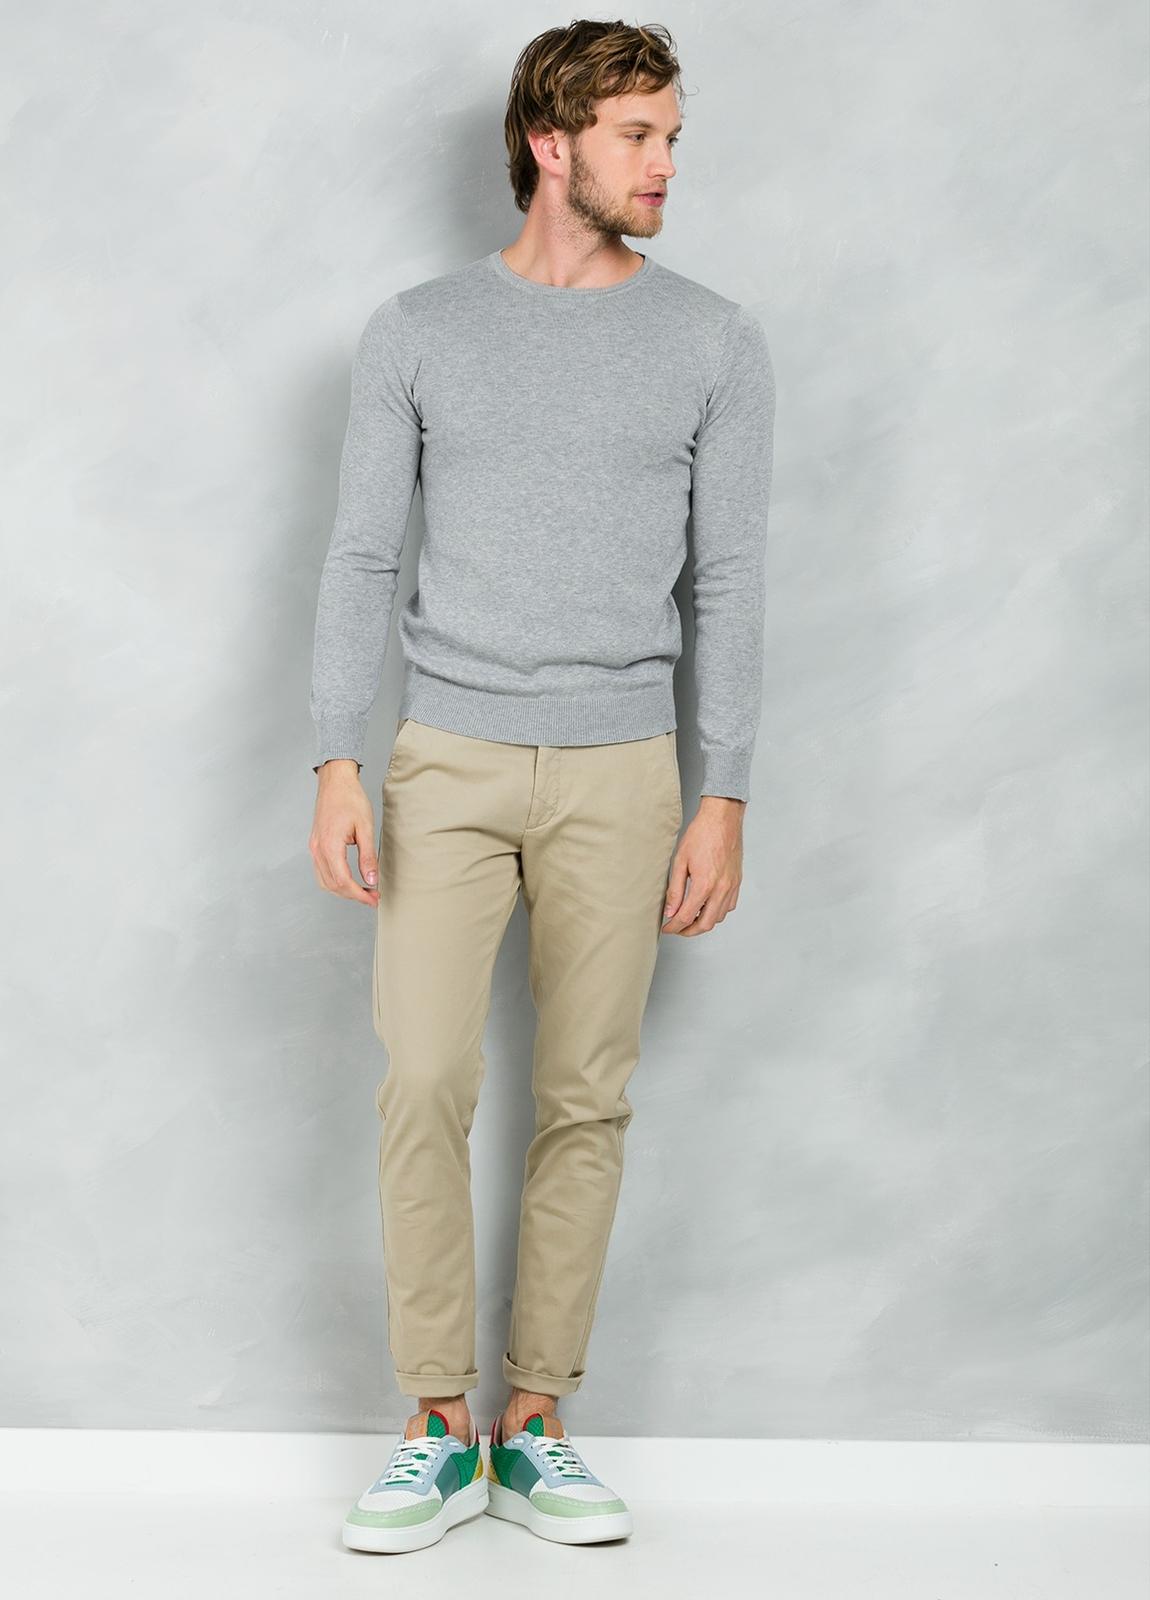 Jersey Casual Wear, SLIM FIT cuello redondo color gris, 100% algodón.